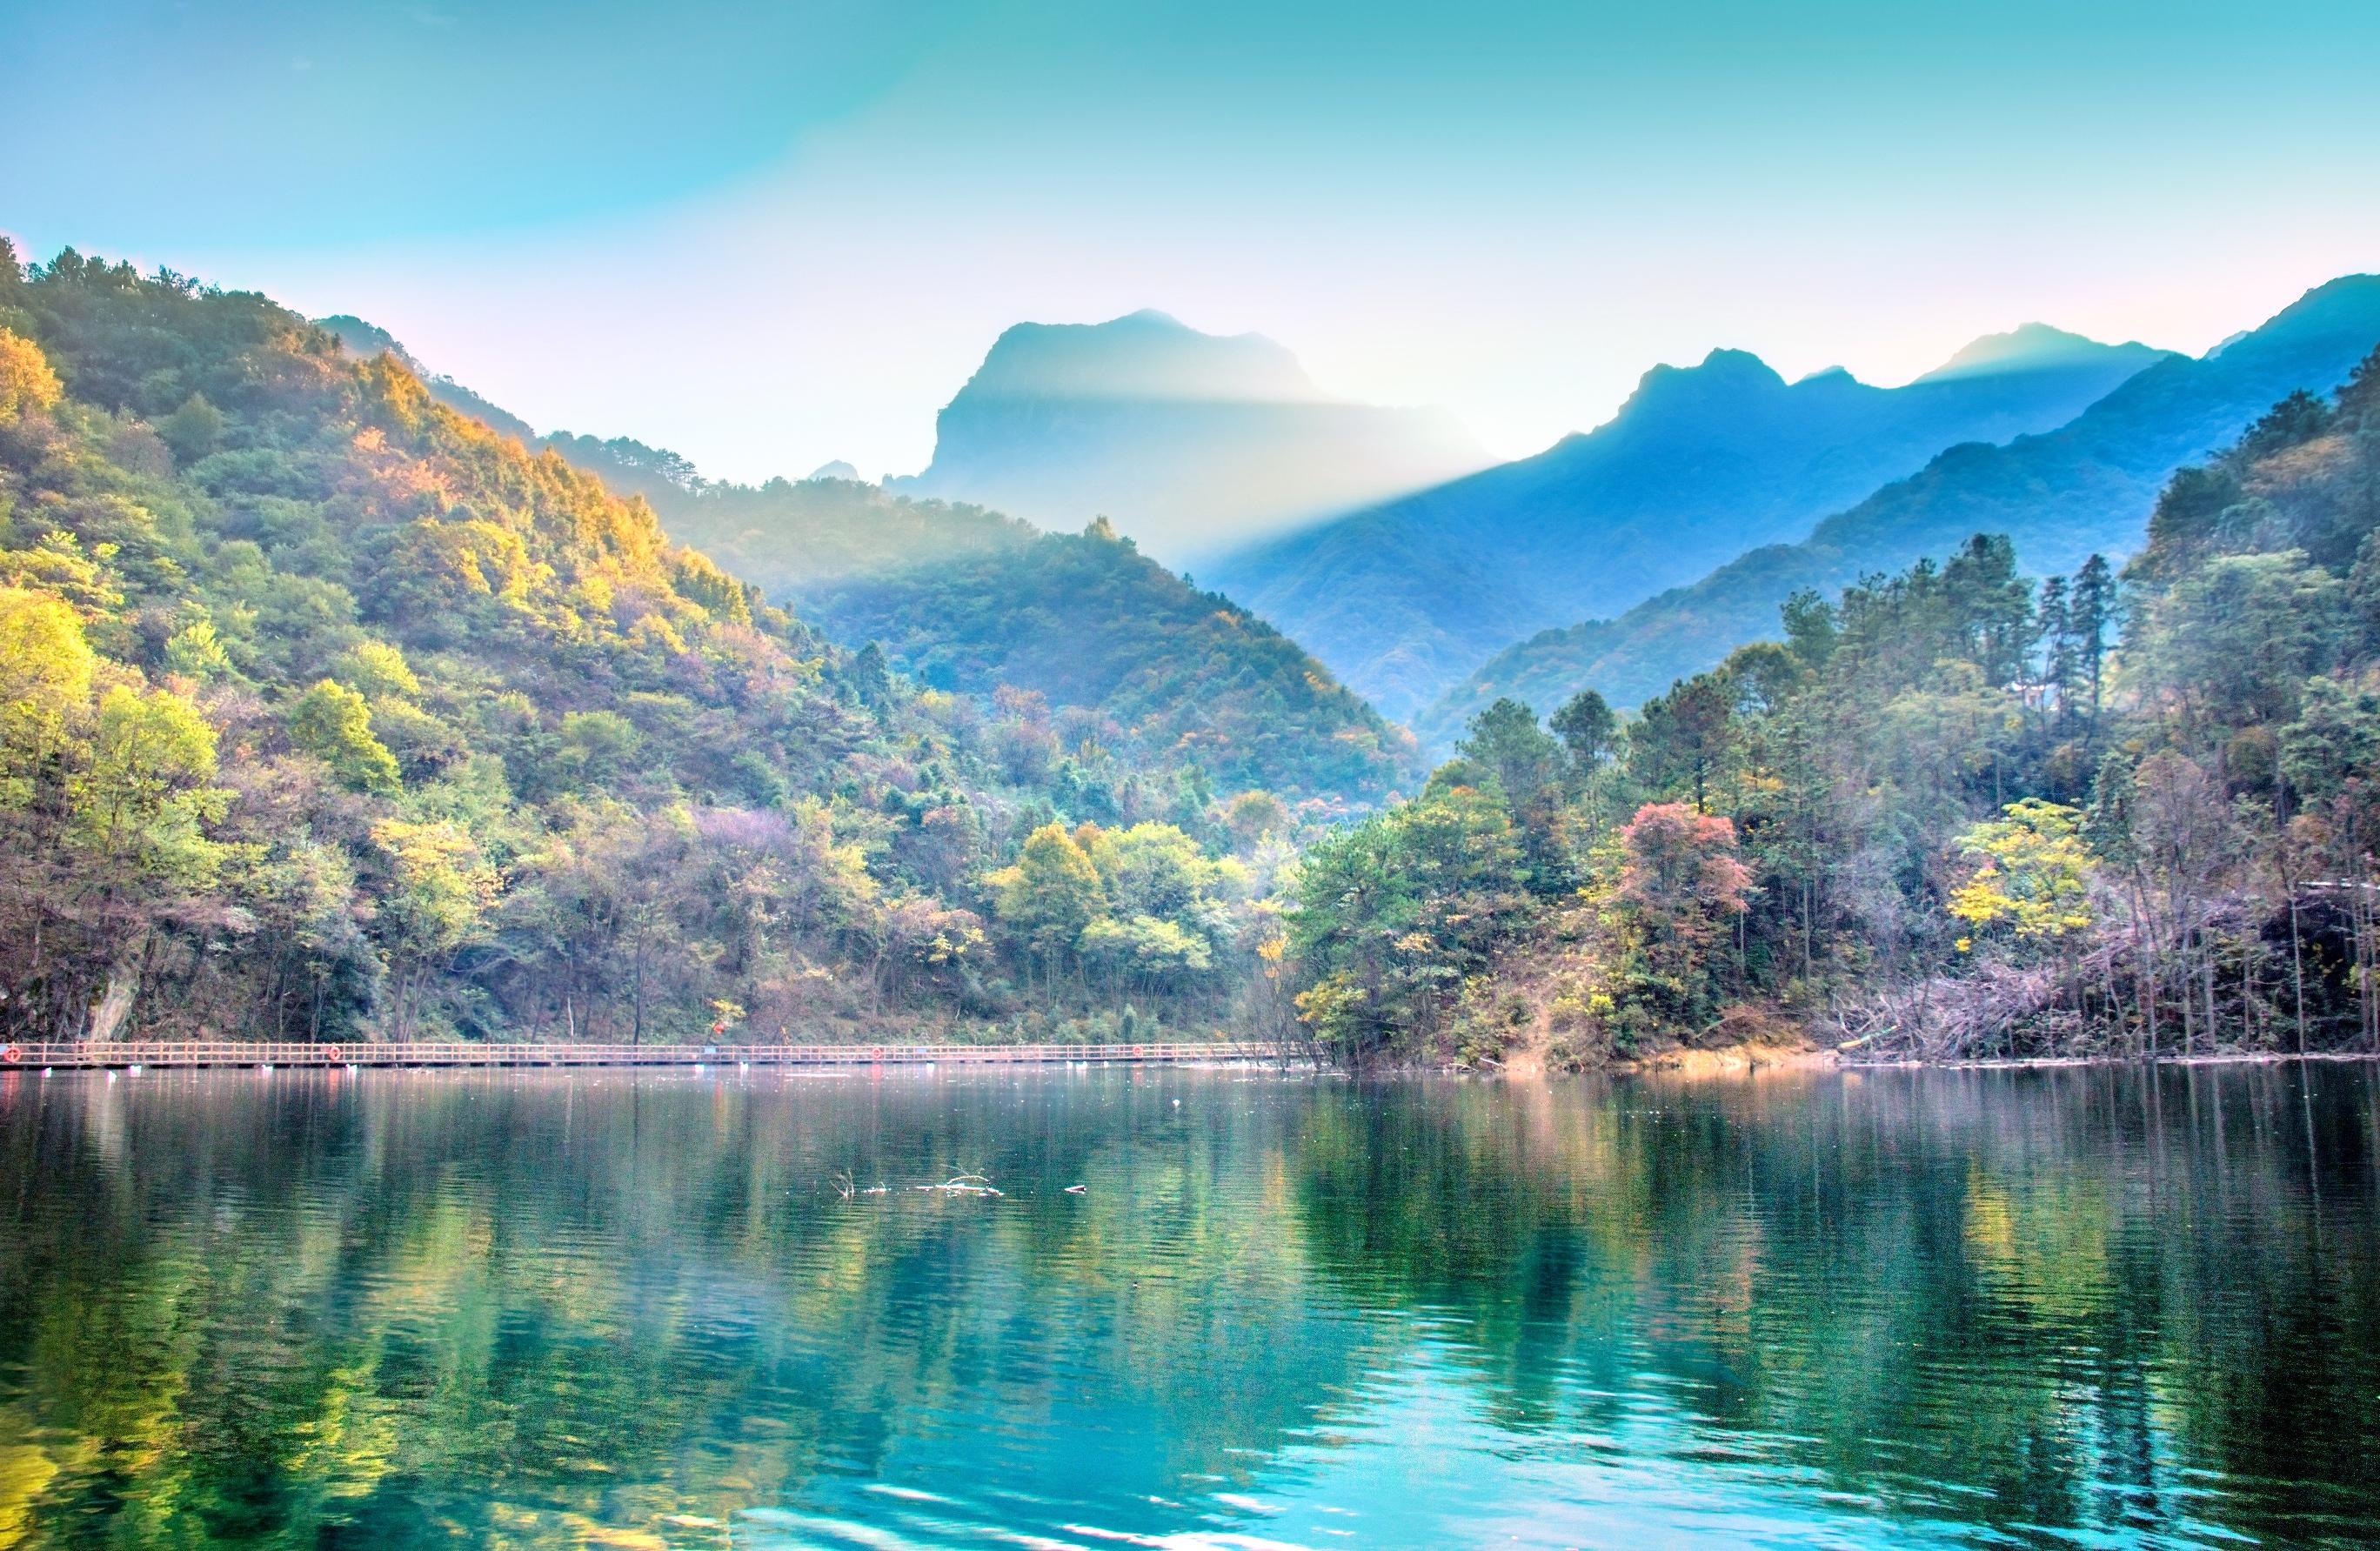 金剛台(貓耳峰)國家級地質公園